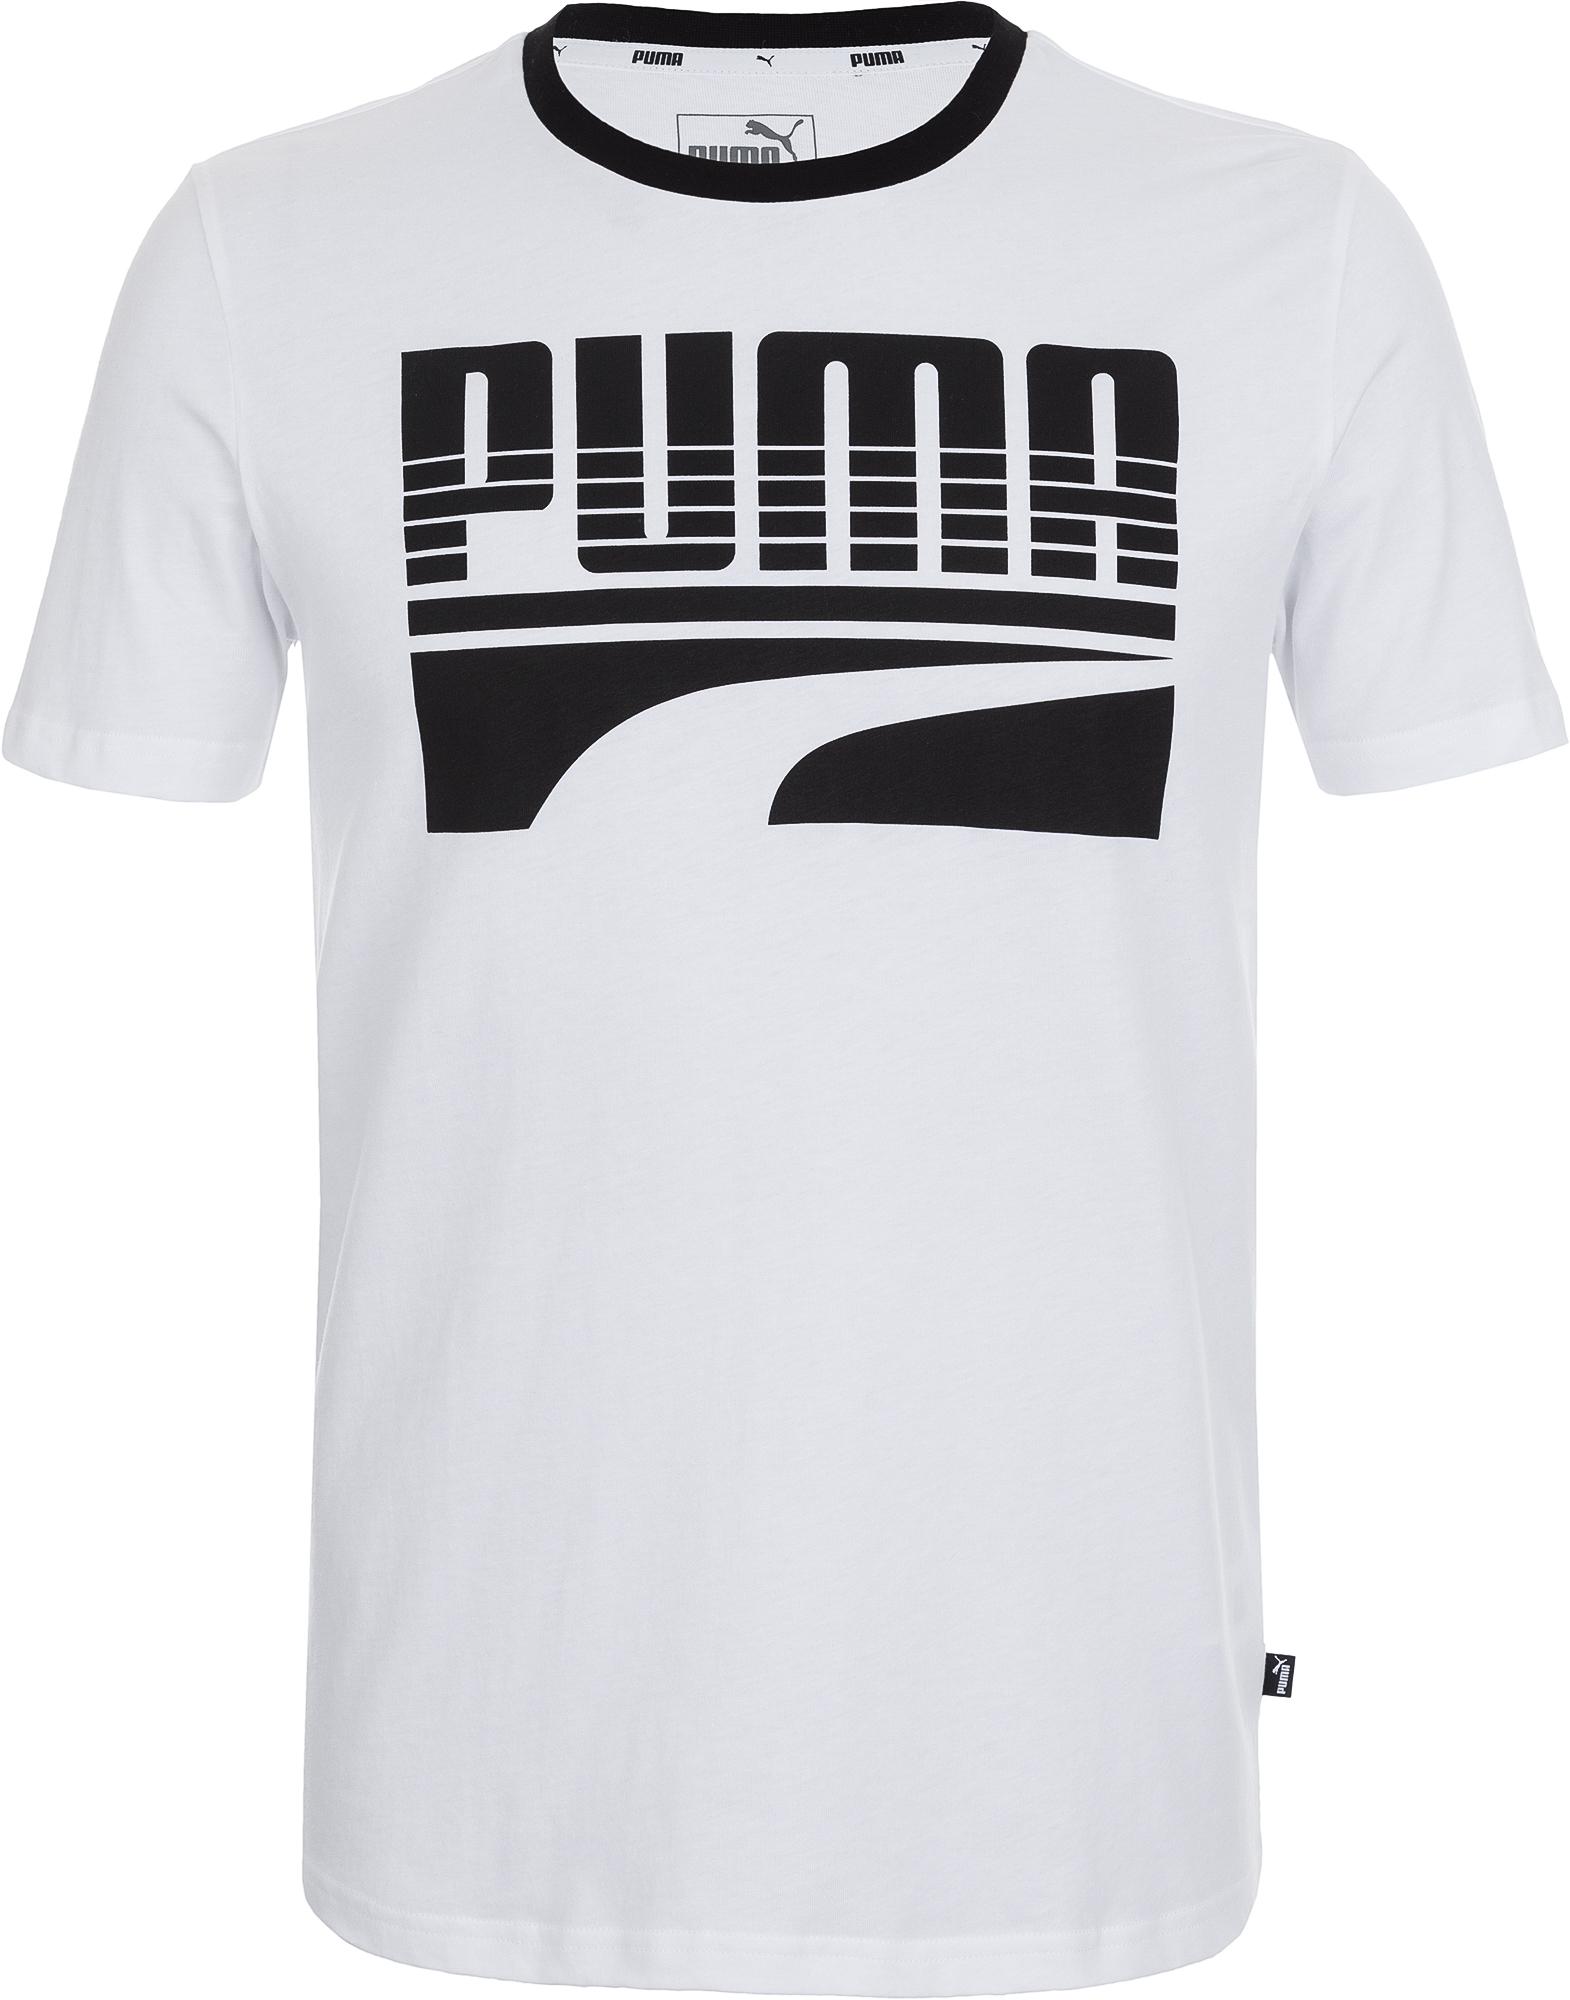 Puma Футболка мужская Puma Rebel Basic, размер 50-52 цена и фото